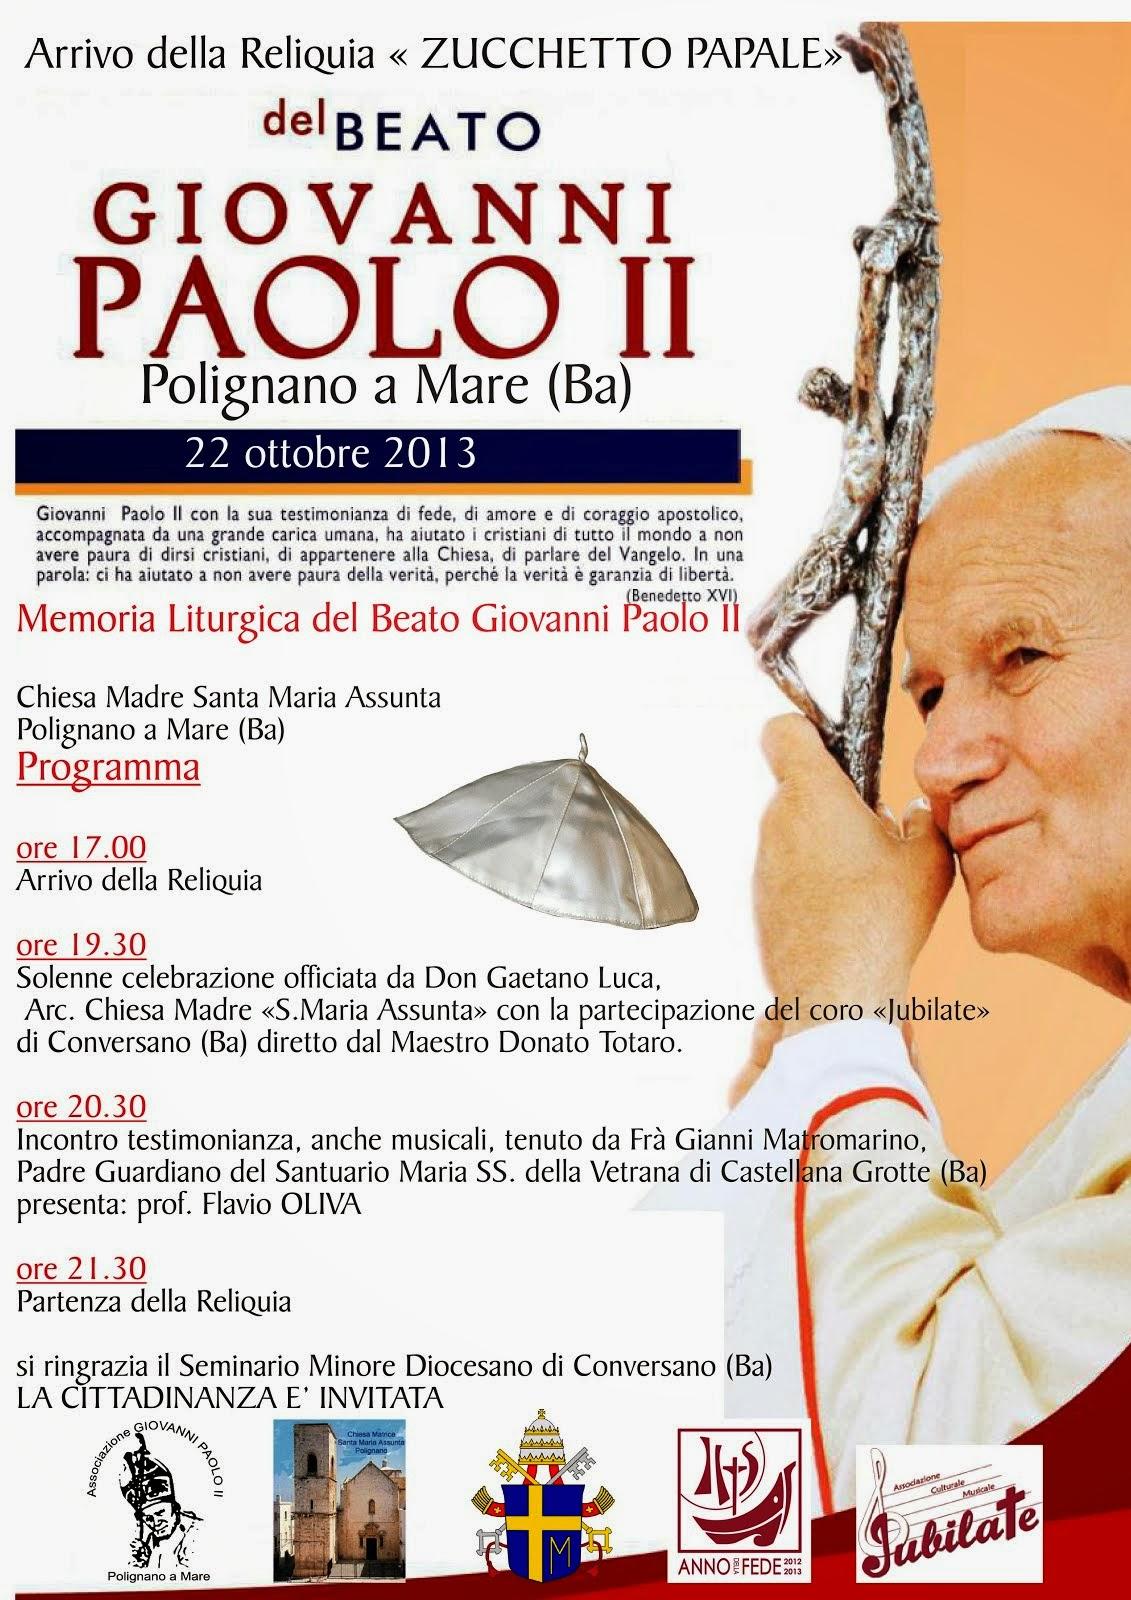 Arrivo della Reliquia Papale